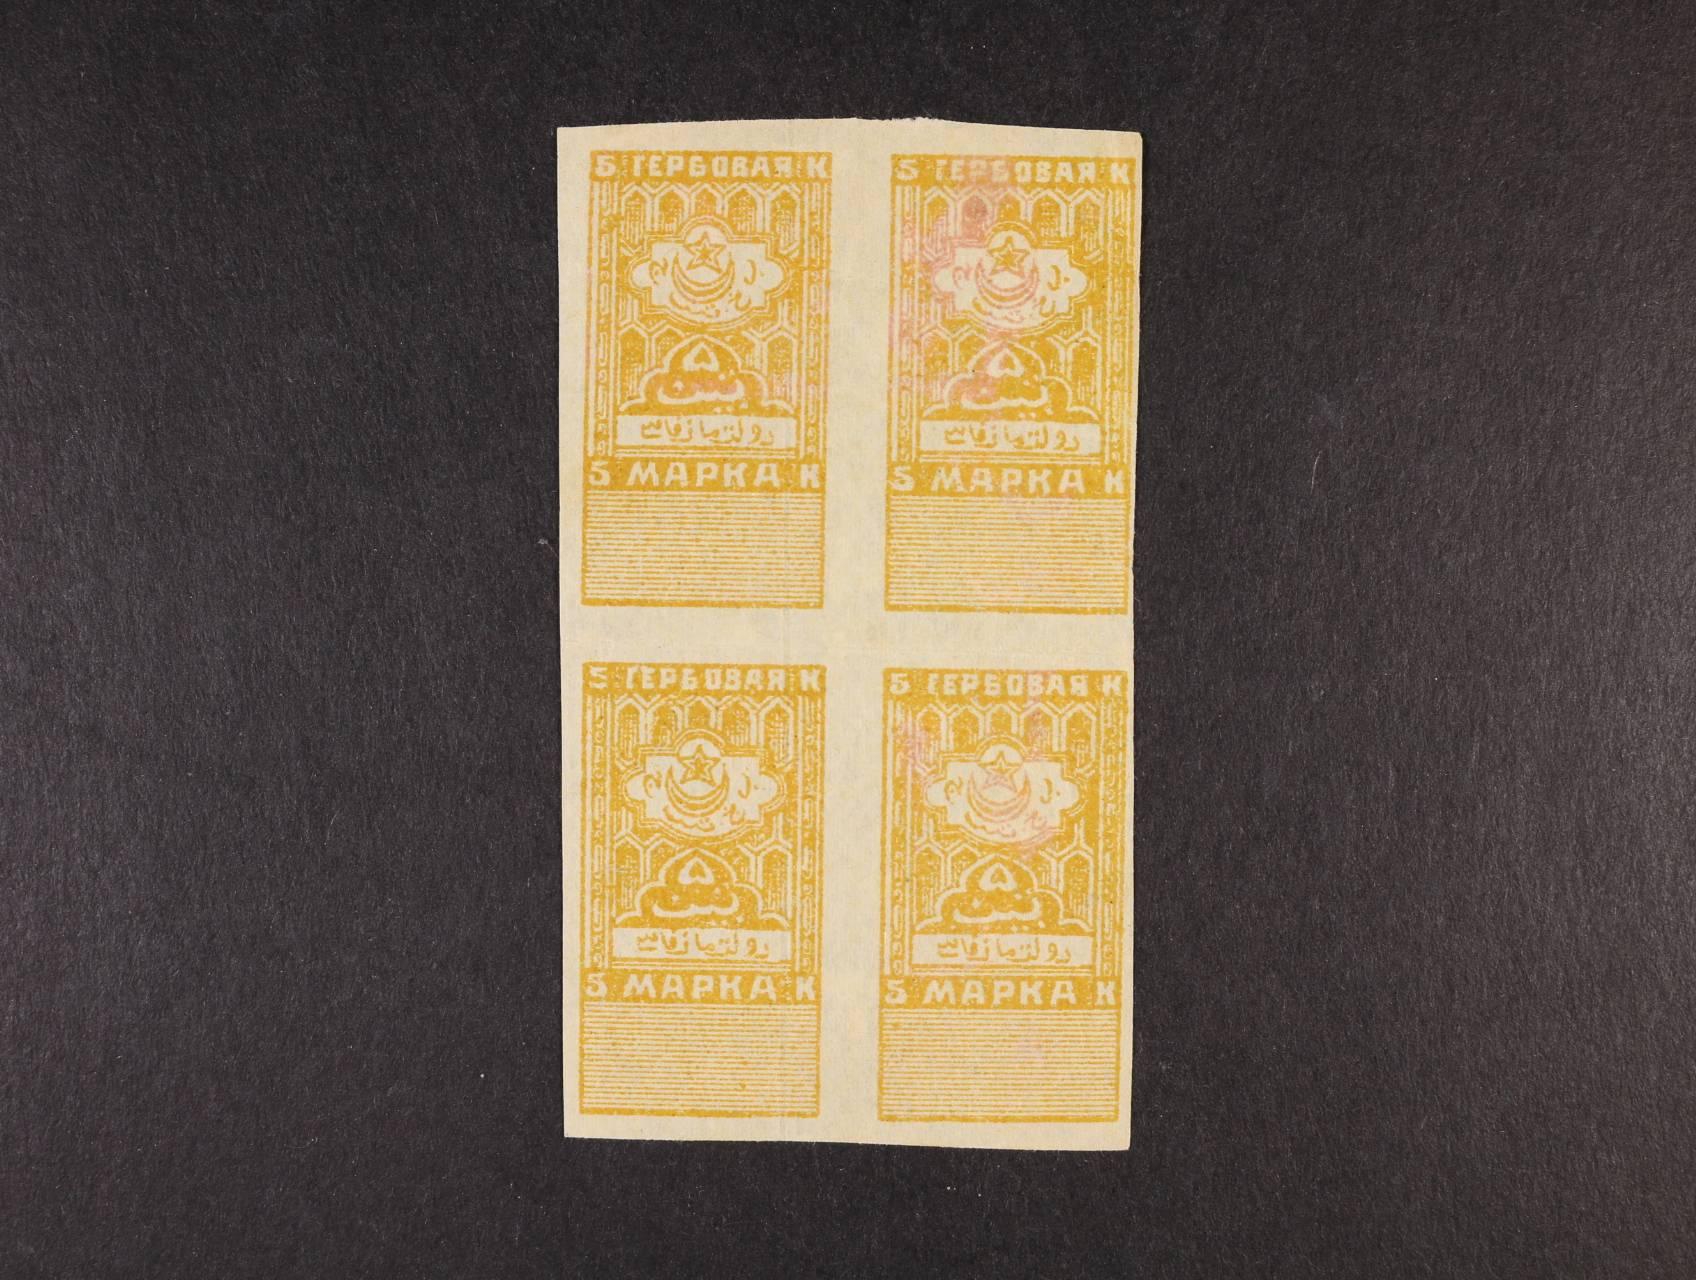 Buchara - zn. 5kop ve čtyřbloku v barvě oranžové, nezoubk.